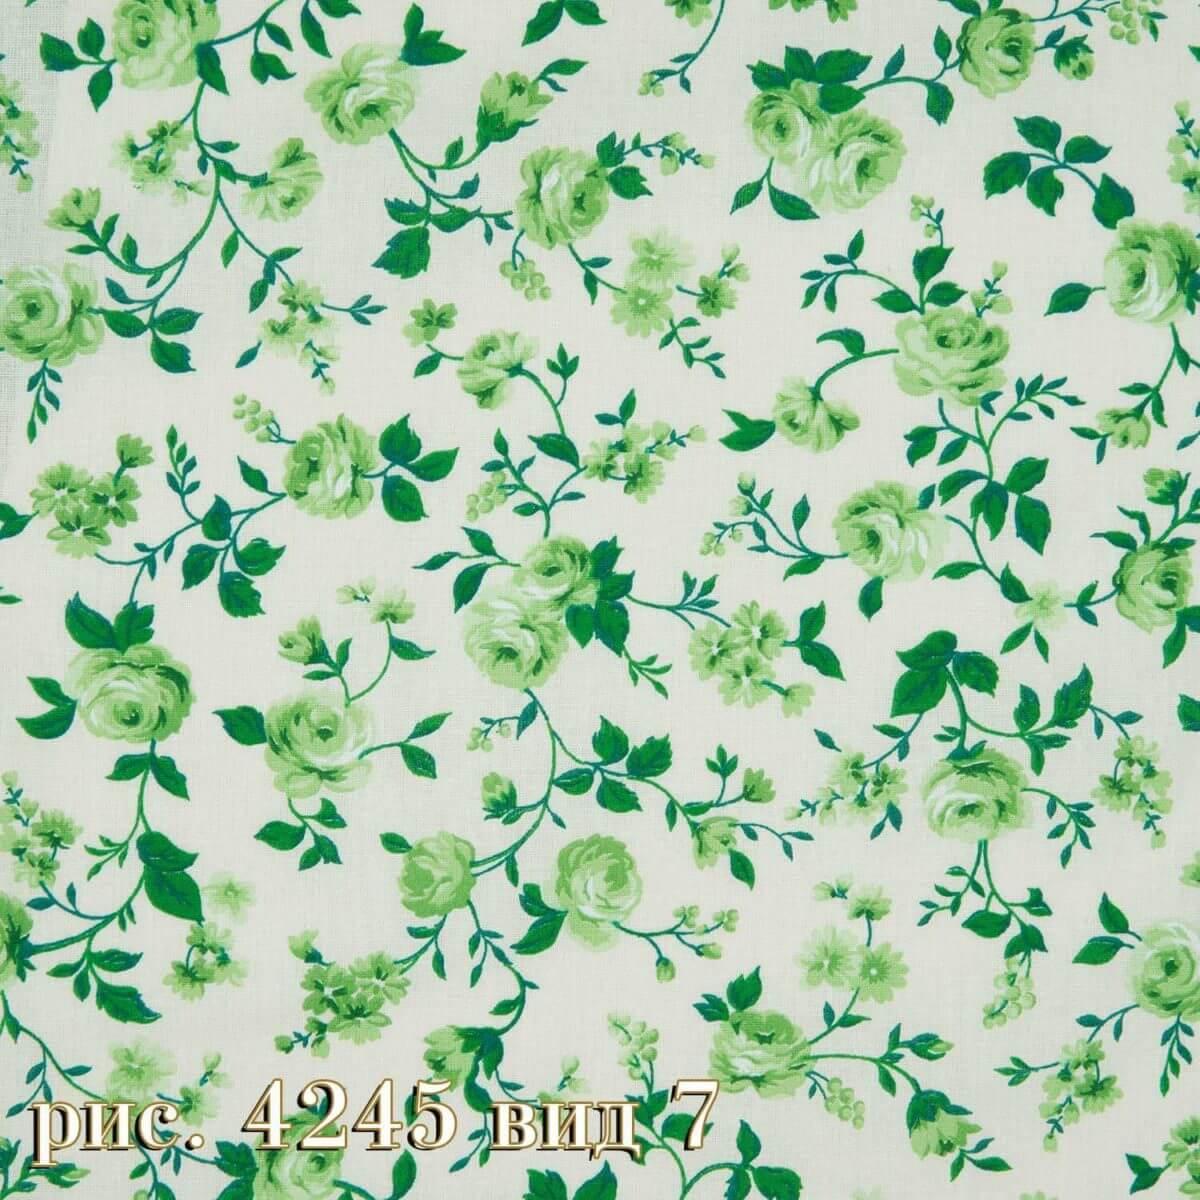 Фото 13 - Плательная ткань бязь 220 см (4245/7).